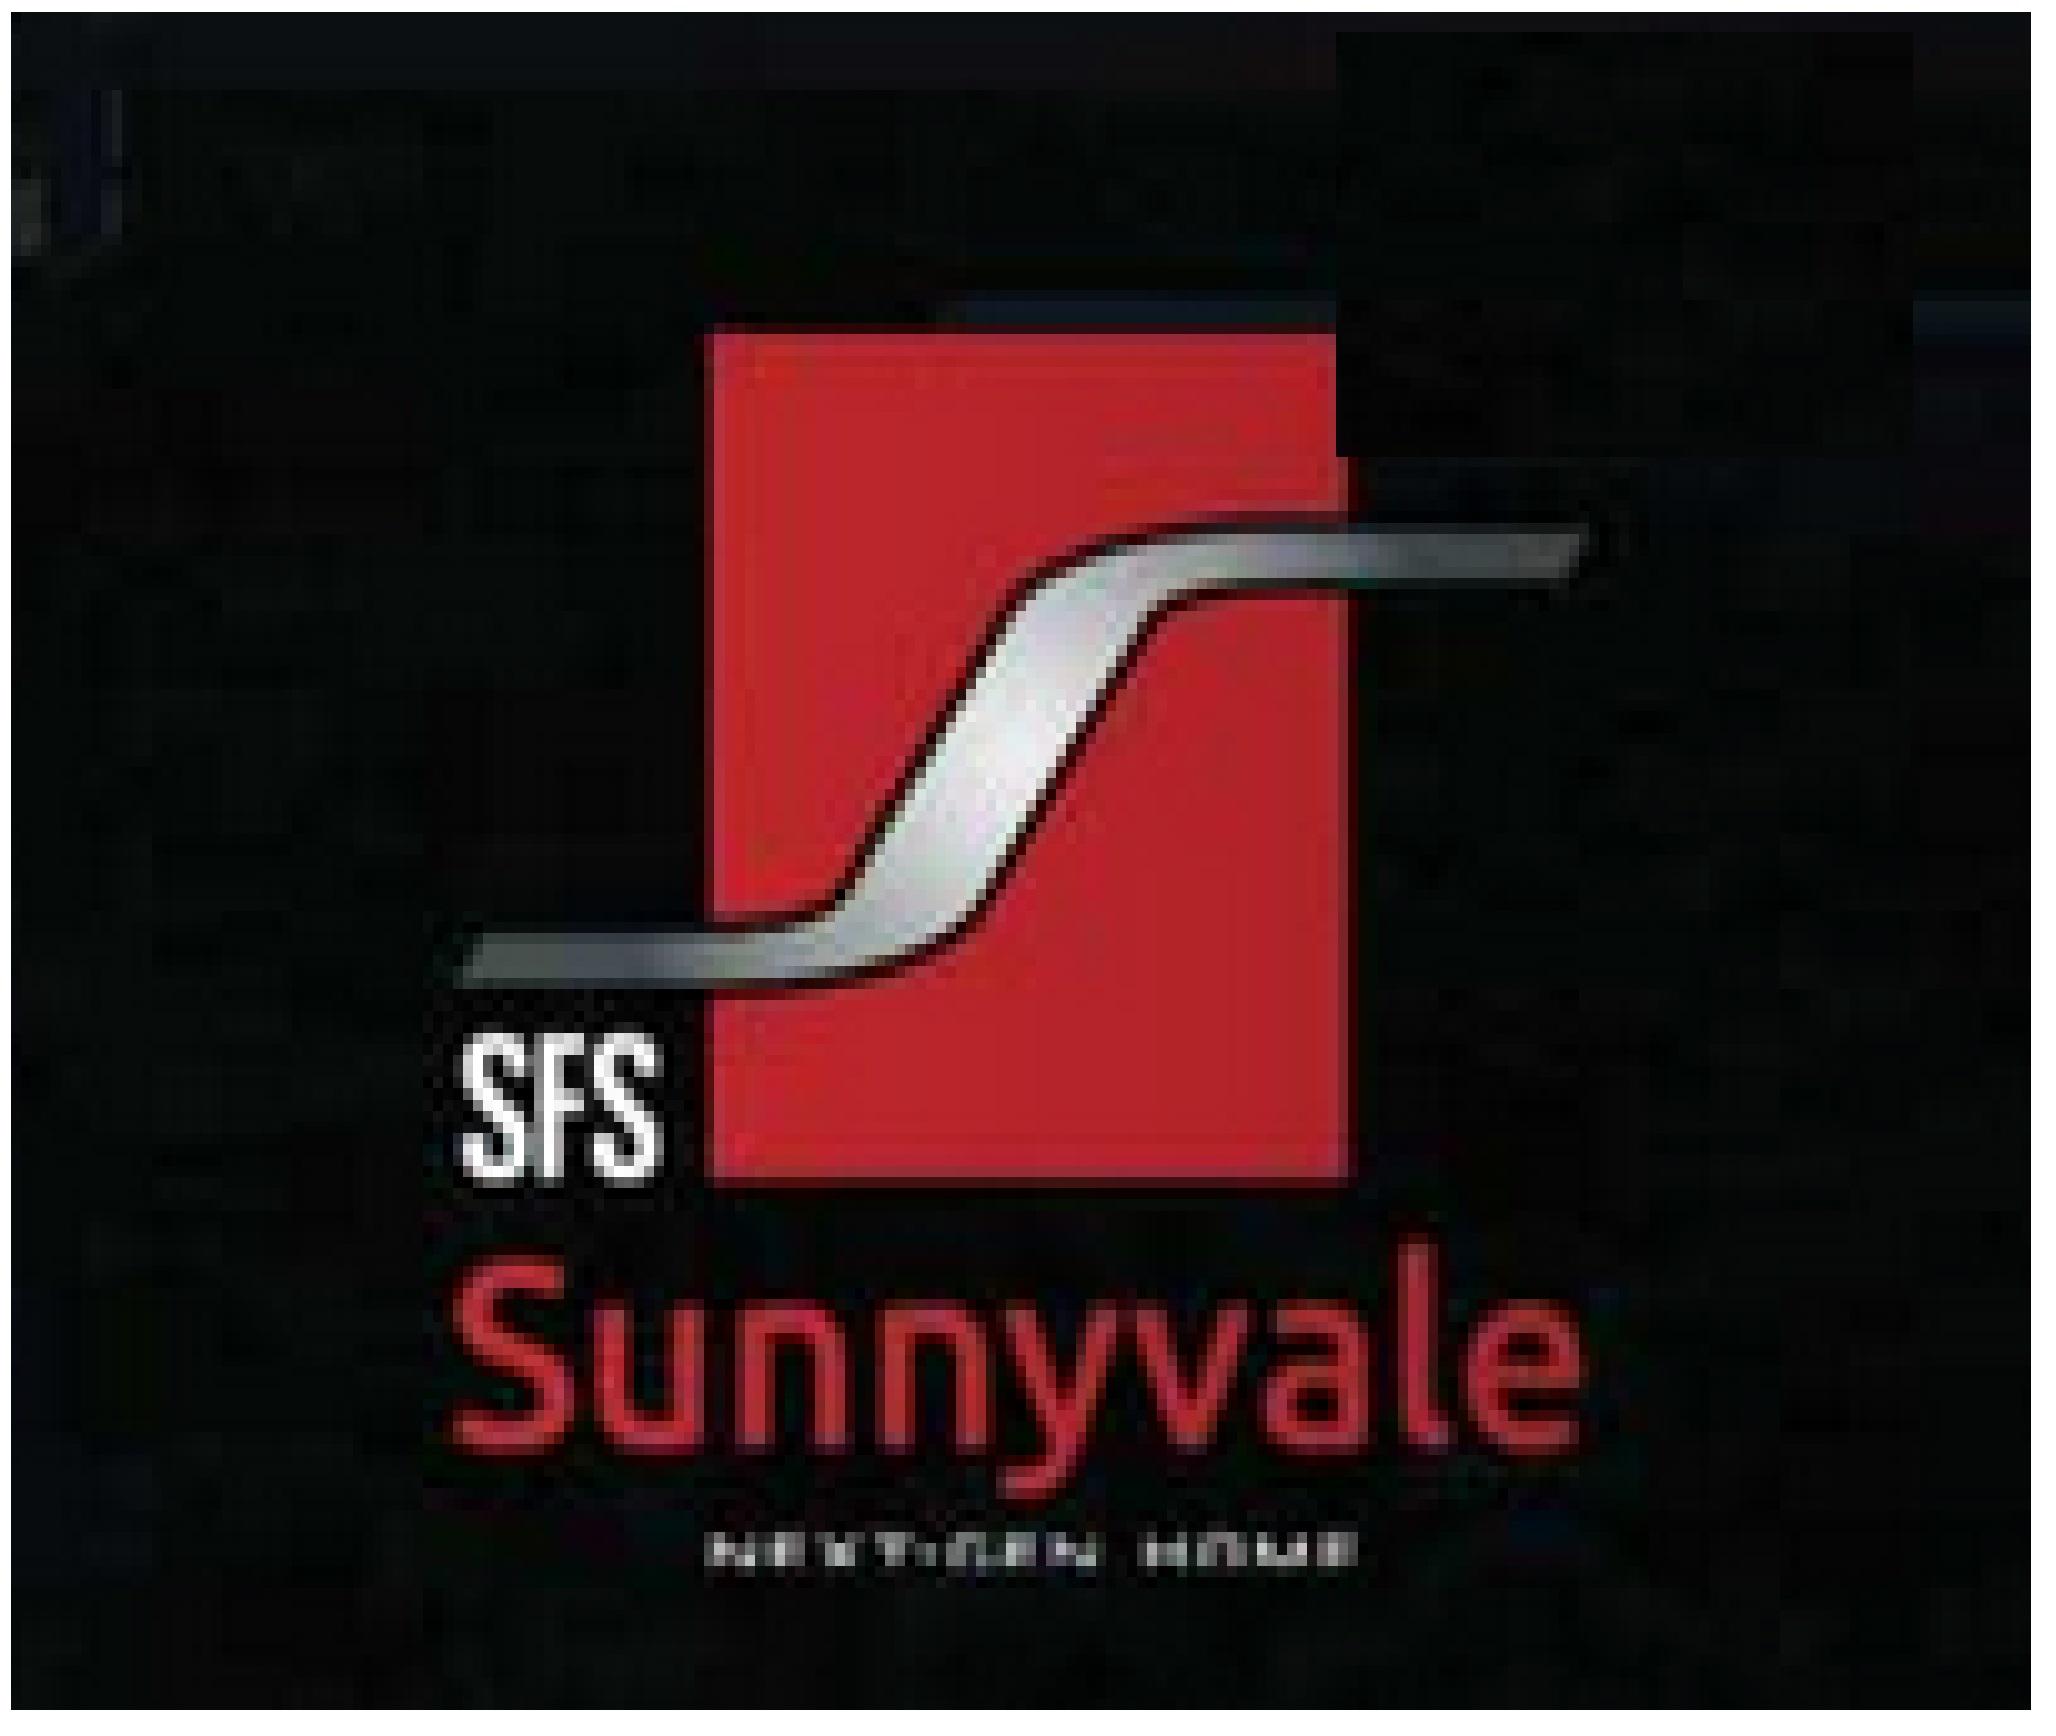 LOGO - SFS Sunnyvale